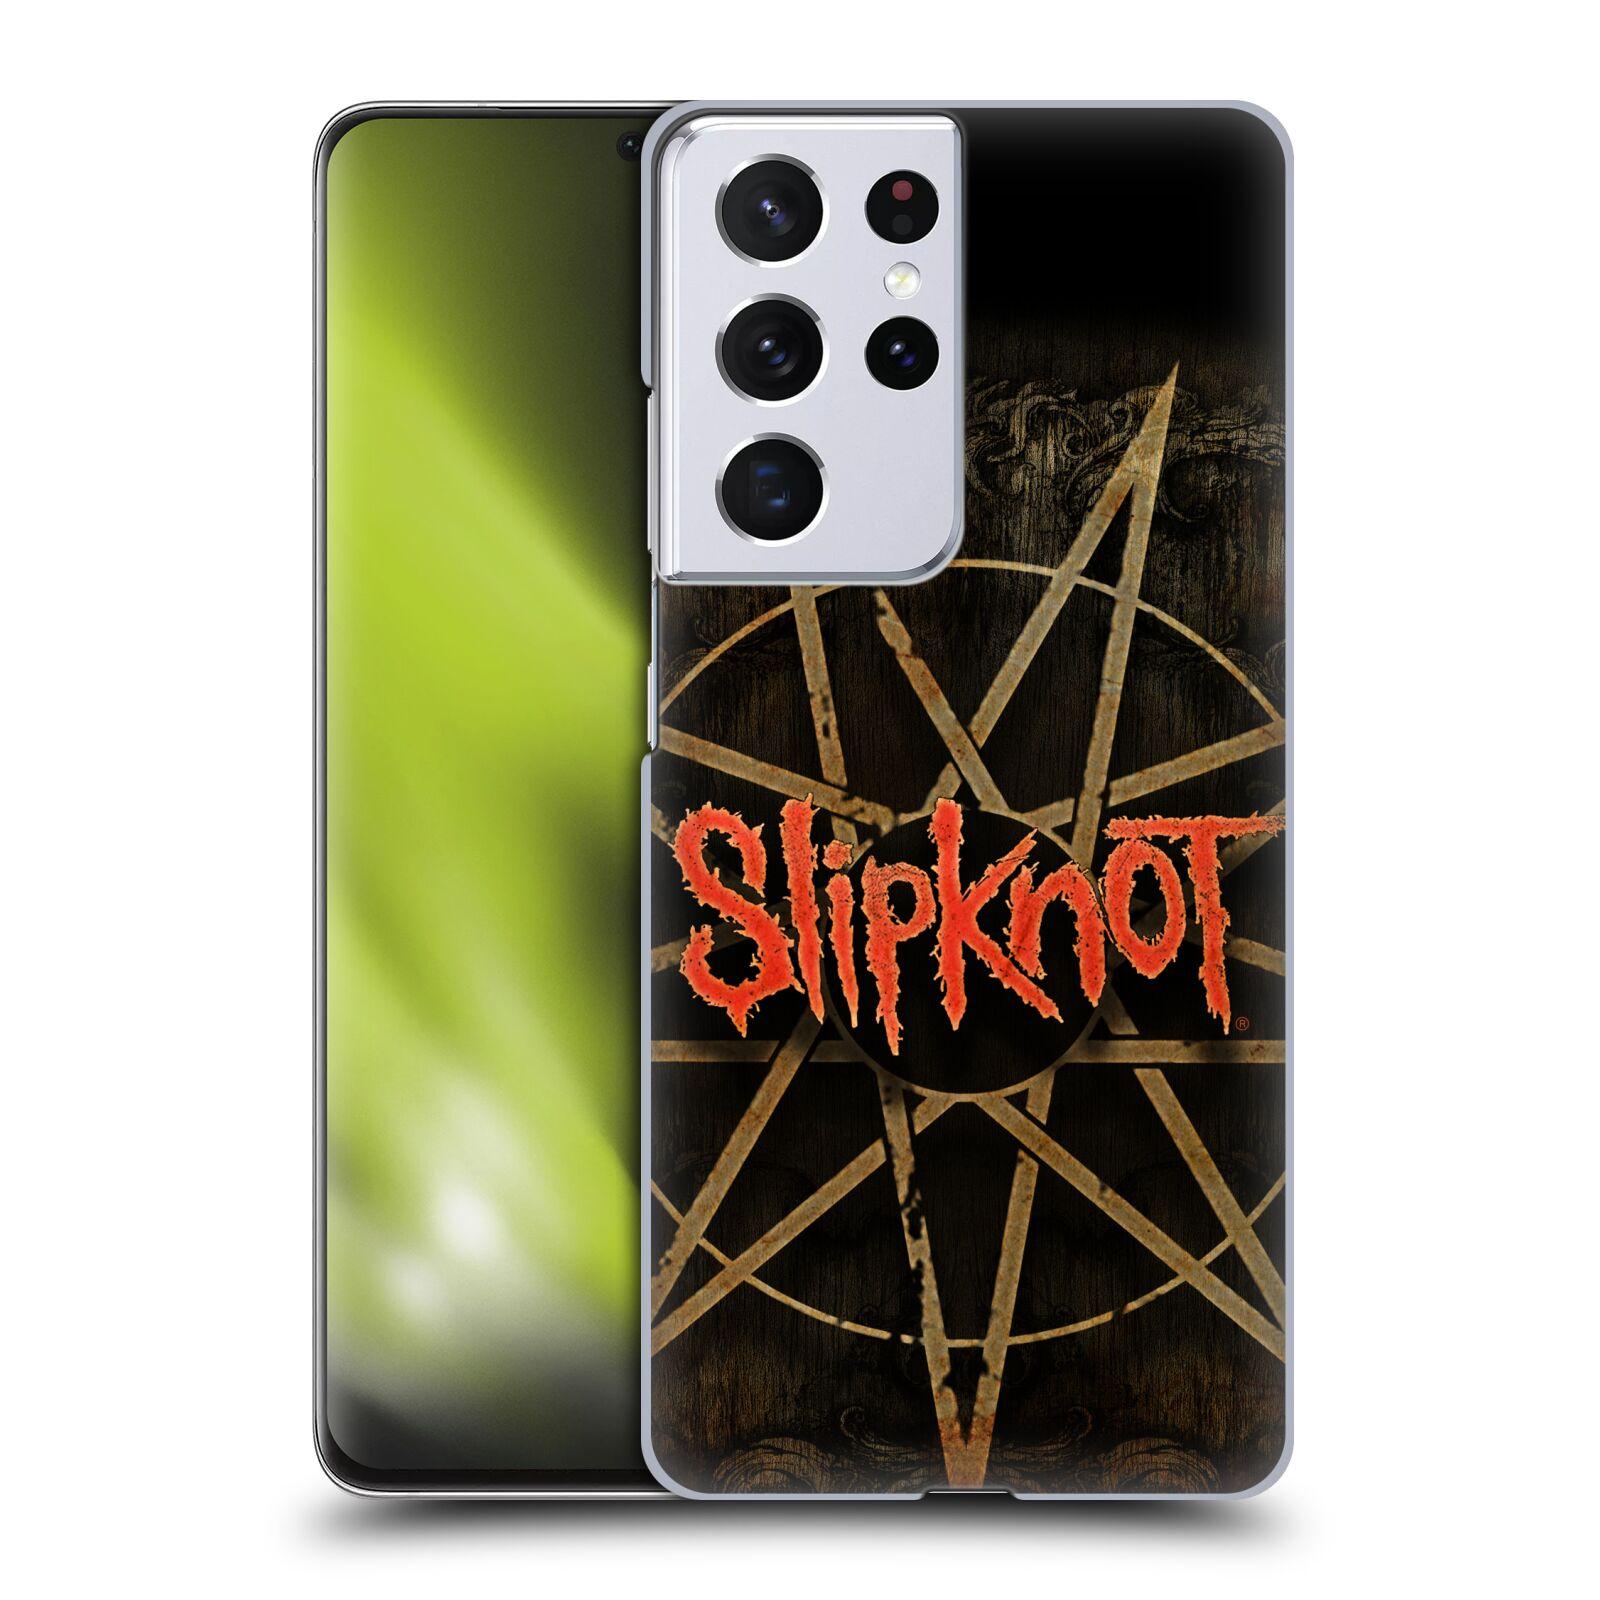 Plastové pouzdro na mobil Samsung Galaxy S21 Ultra 5G - Head Case - Slipknot - Znak